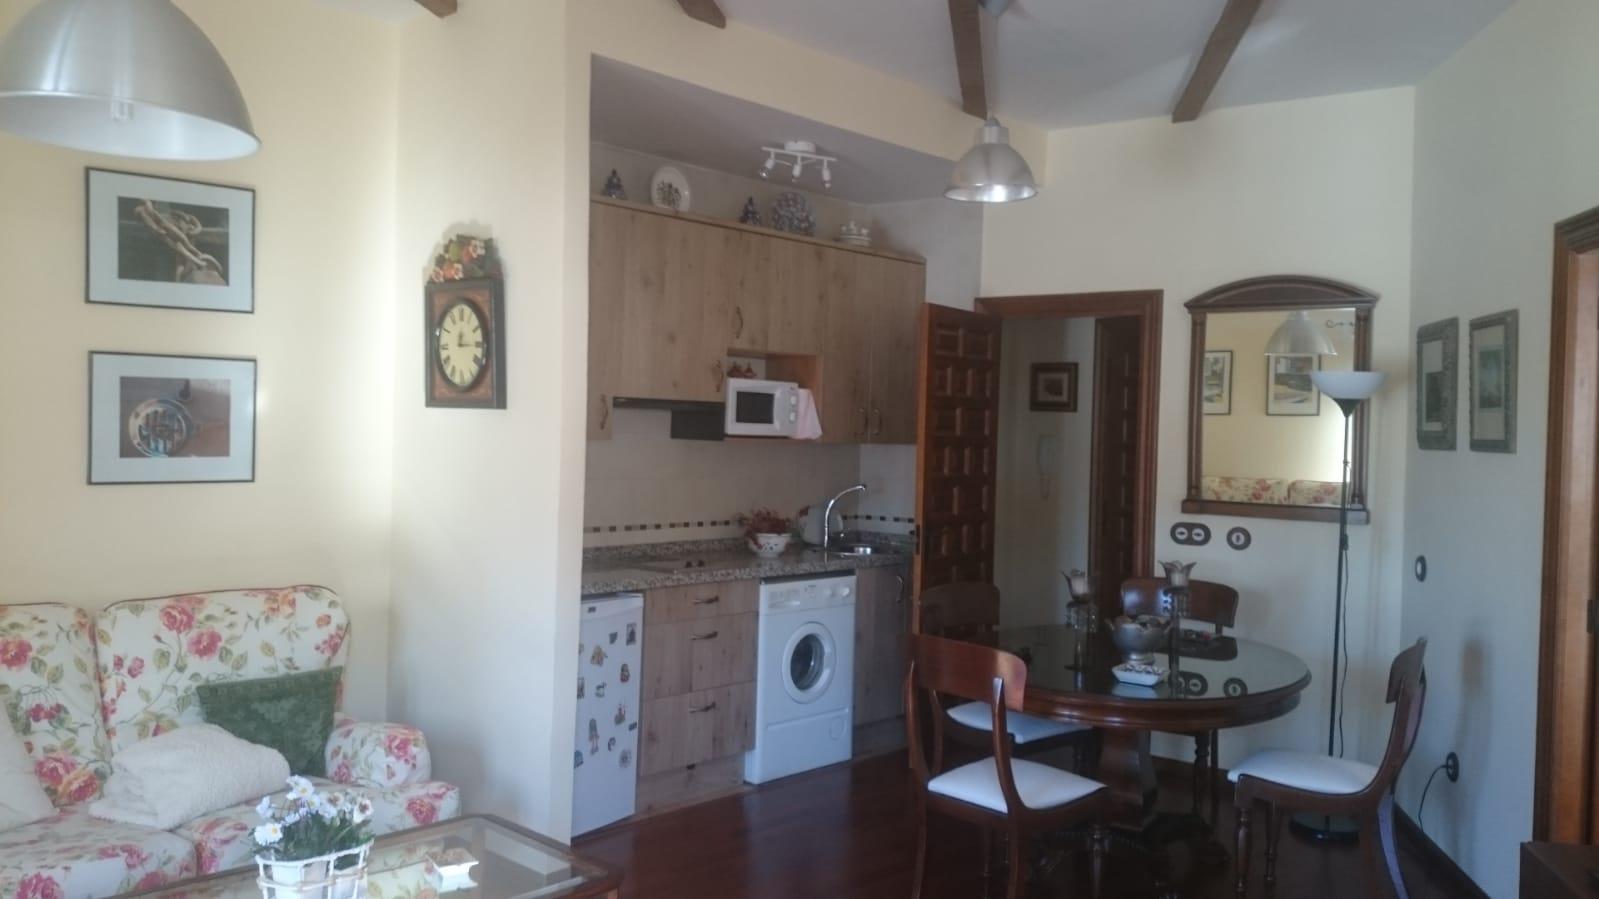 DÚPLEX EN SIERRA DE LA COVATILLA (REF: SLL-NC) - foto 7 765606e8-554f-40ac-ab83-74977f3efe20.jpg